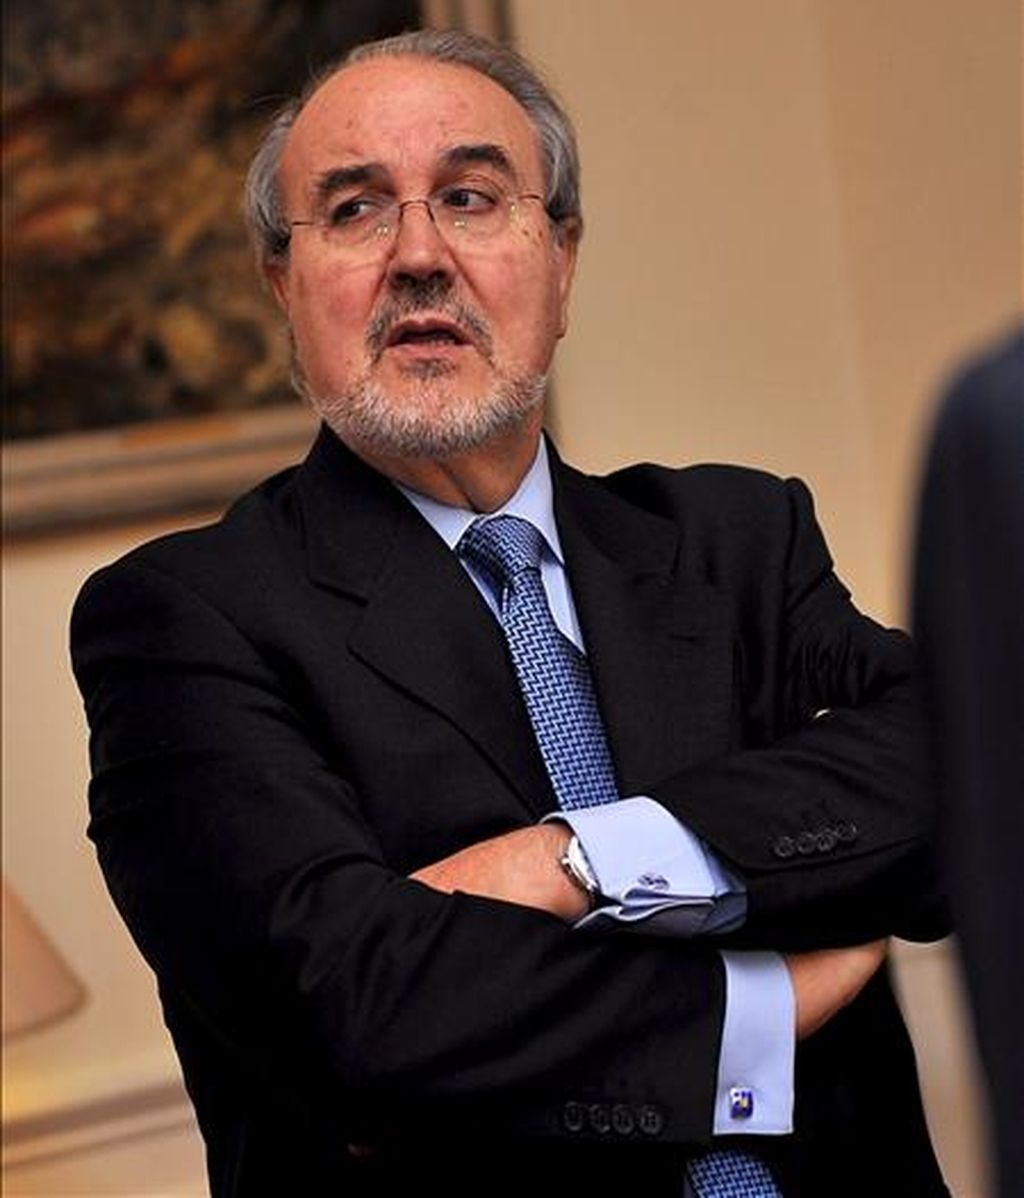 El ministro de Economía y vicepresidente segundo español, Pedro Solbes. EFE/Archivo